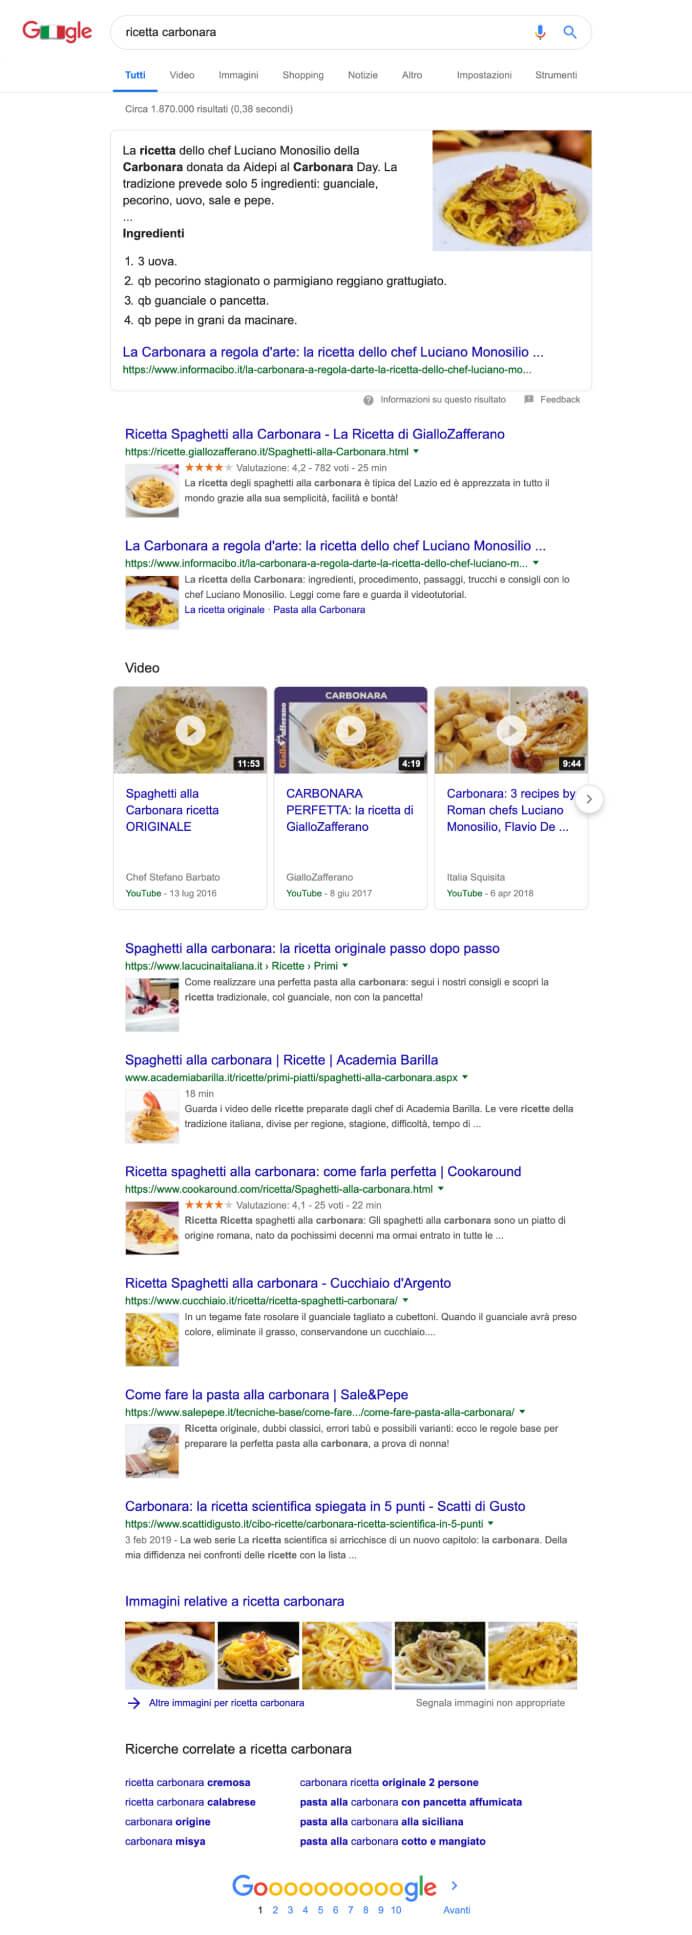 google-serp-features-panoramica